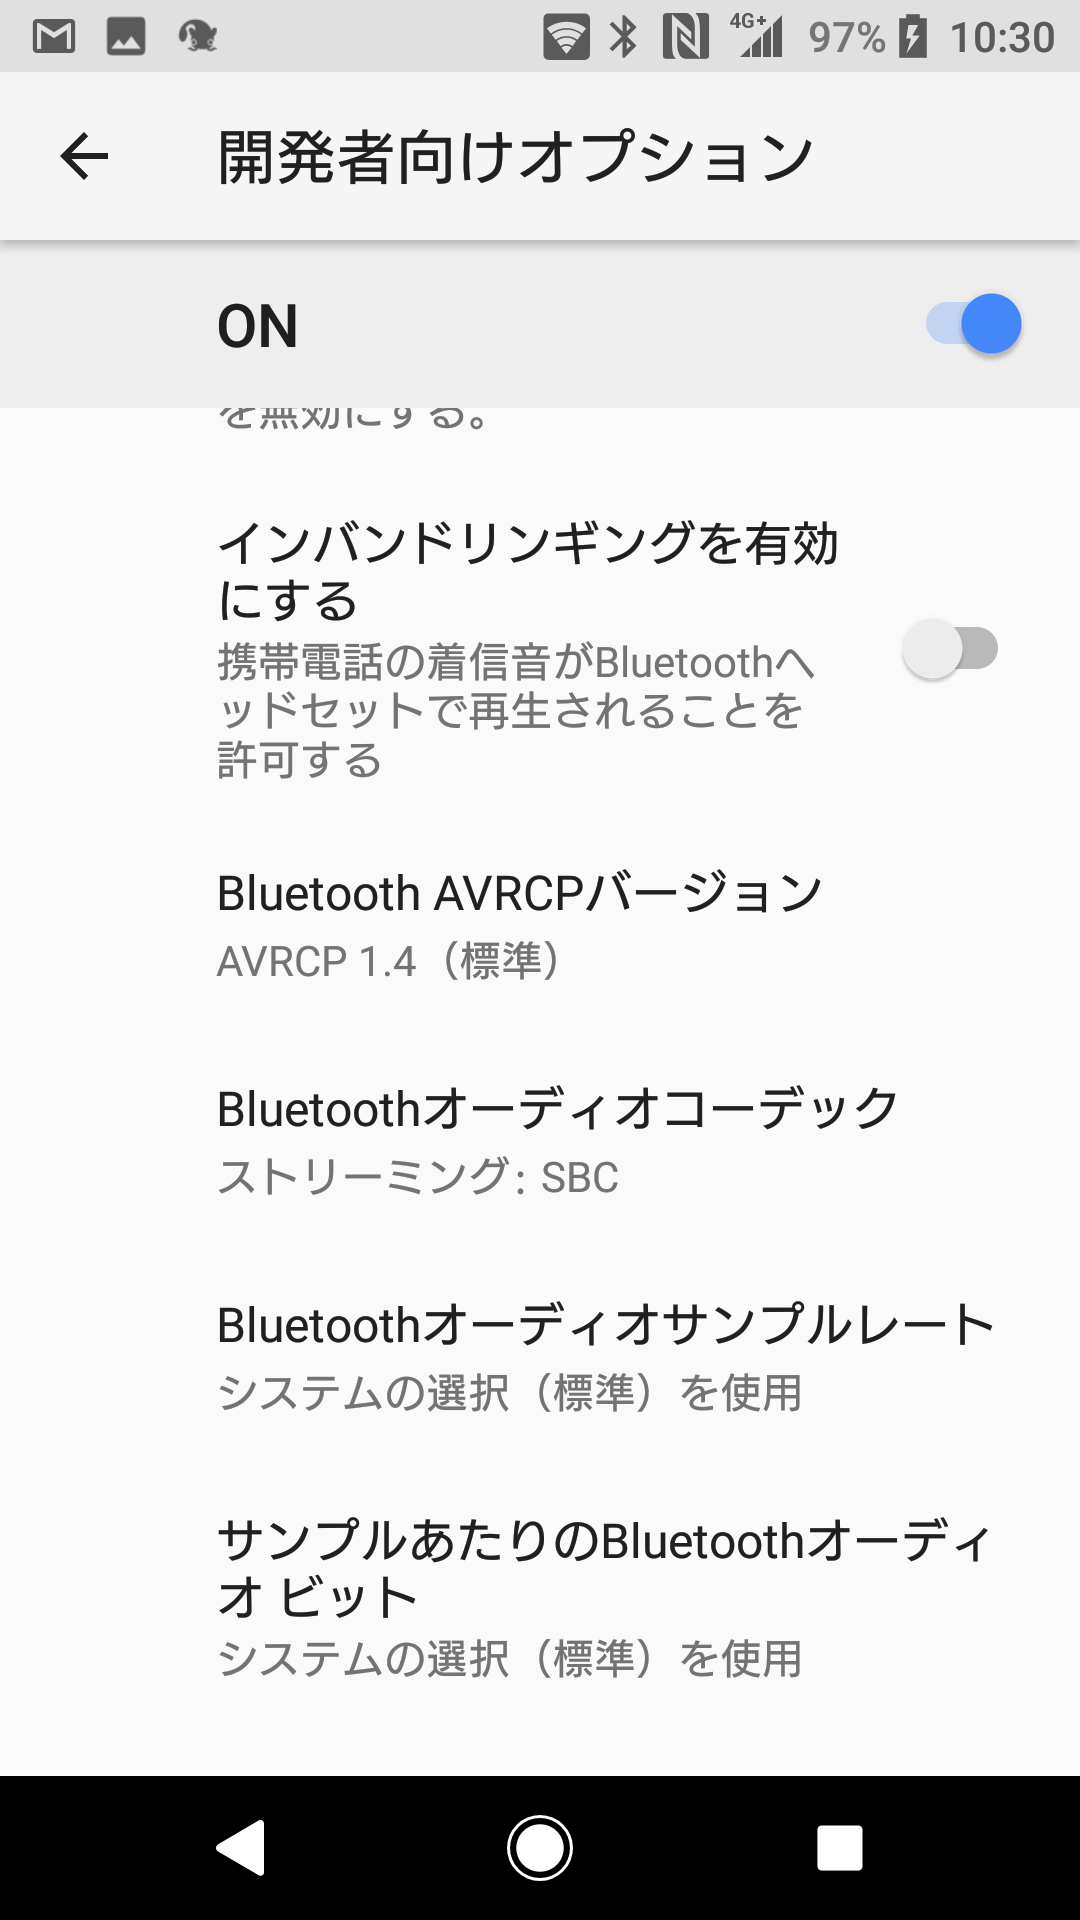 a4ae200c0e 開発者向けオプションを有効にした後にBluetooth AVRCPバージョンをクリック。